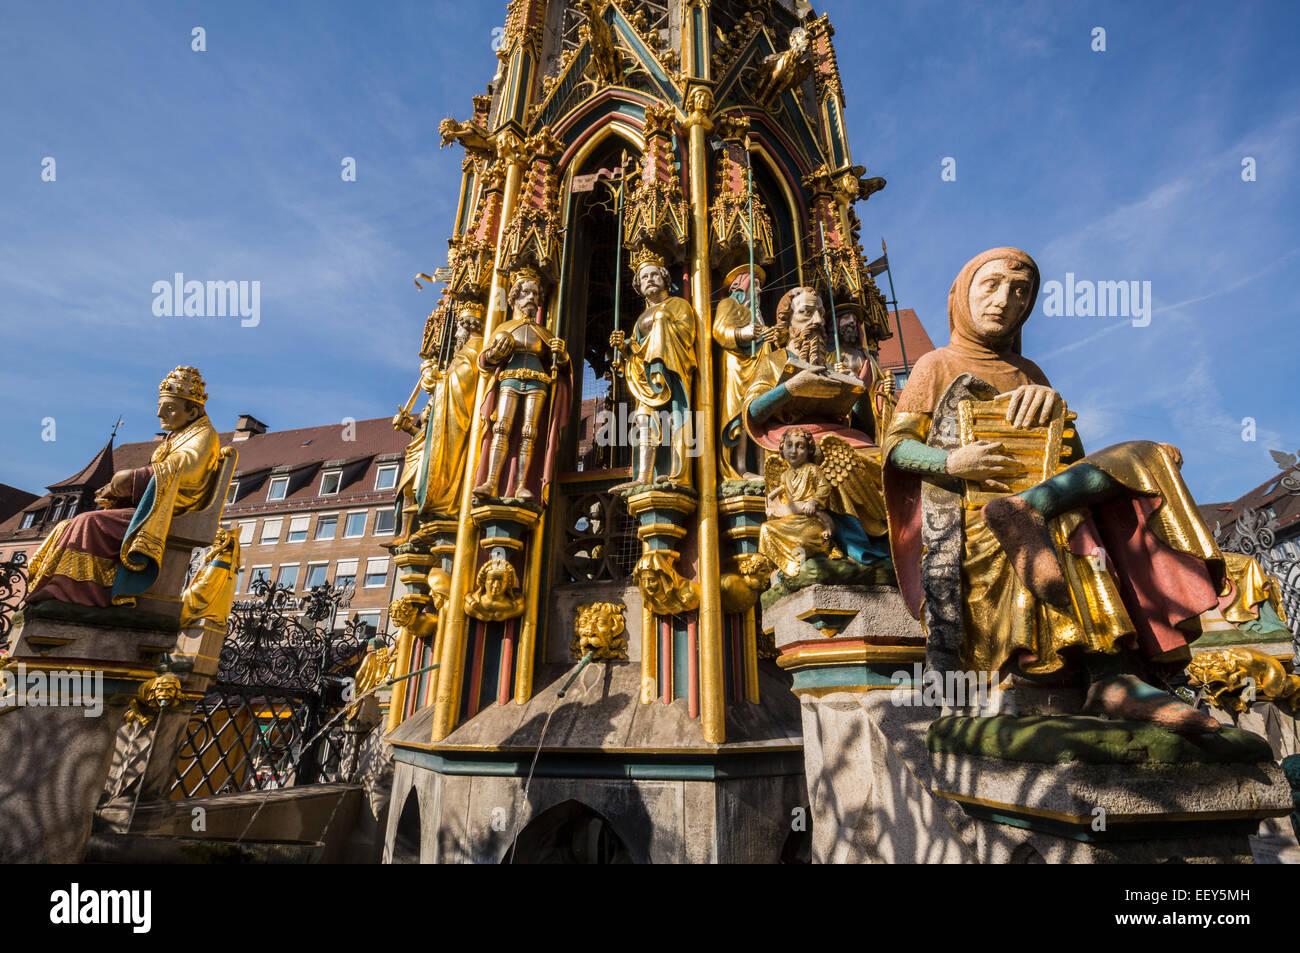 Detail der schöner Brunnen Brunnen und Statue in Markt-Platz von Nürnberg, Deutschland Stockbild